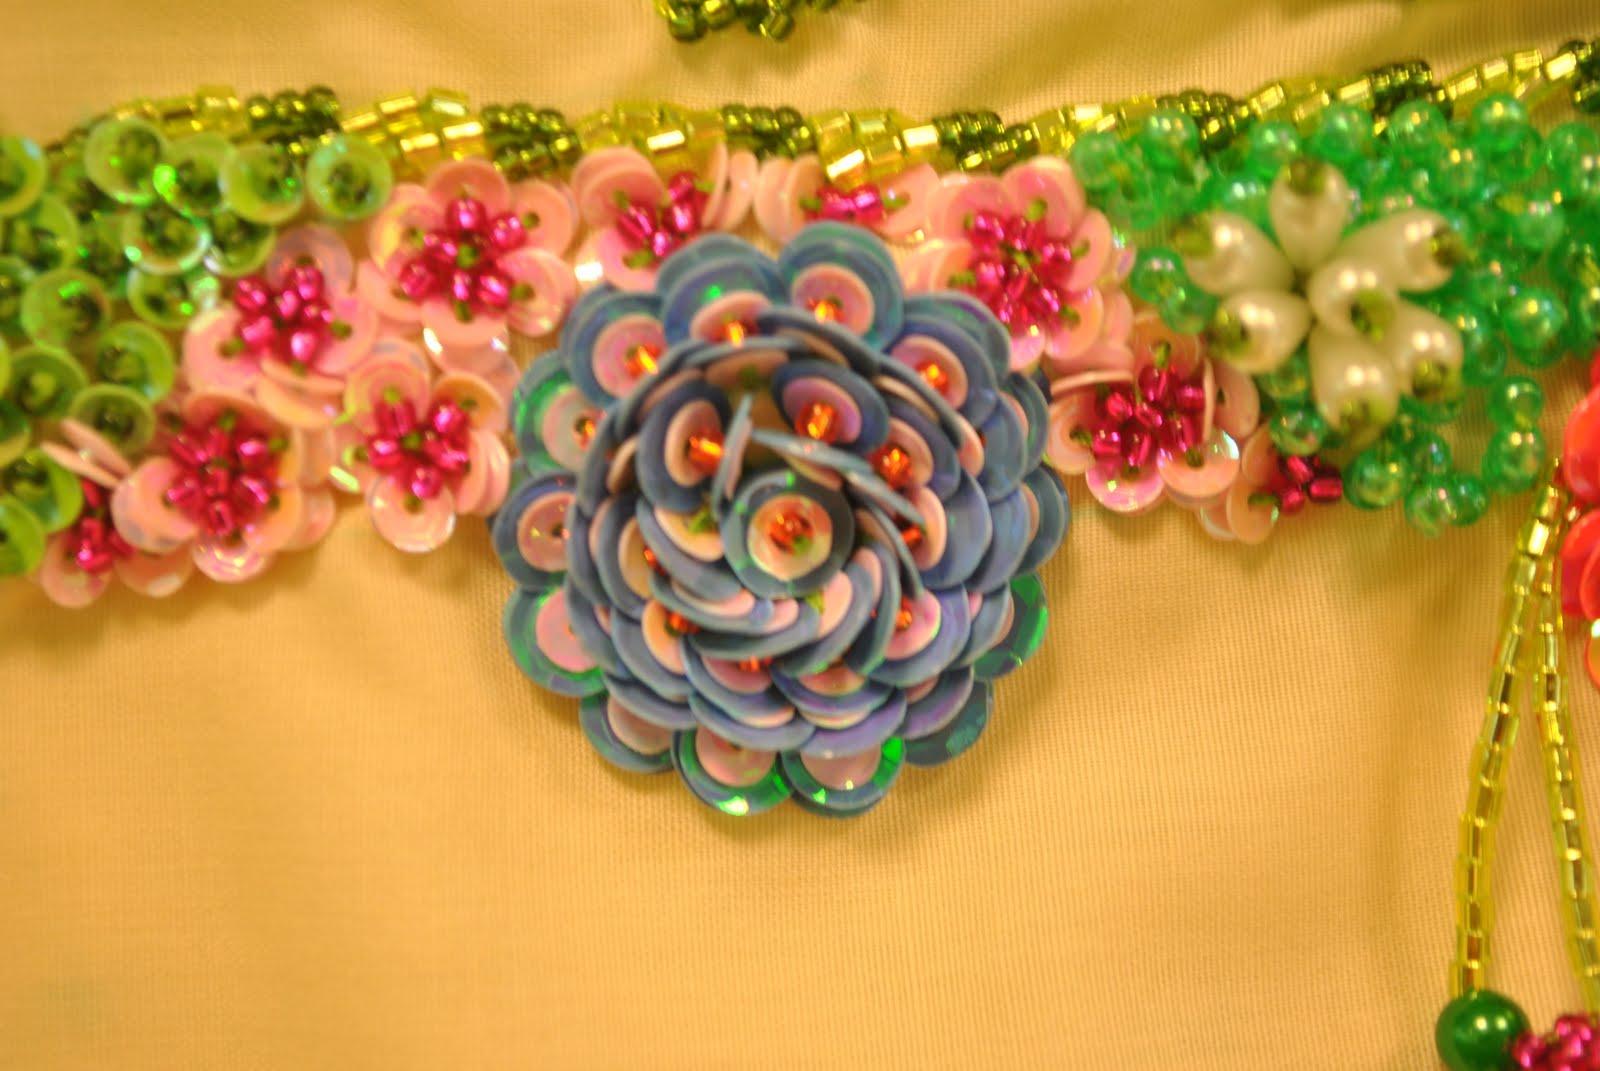 ... terdapat bunga Lily(pink), cendawan (hijau muda) dan hibrid